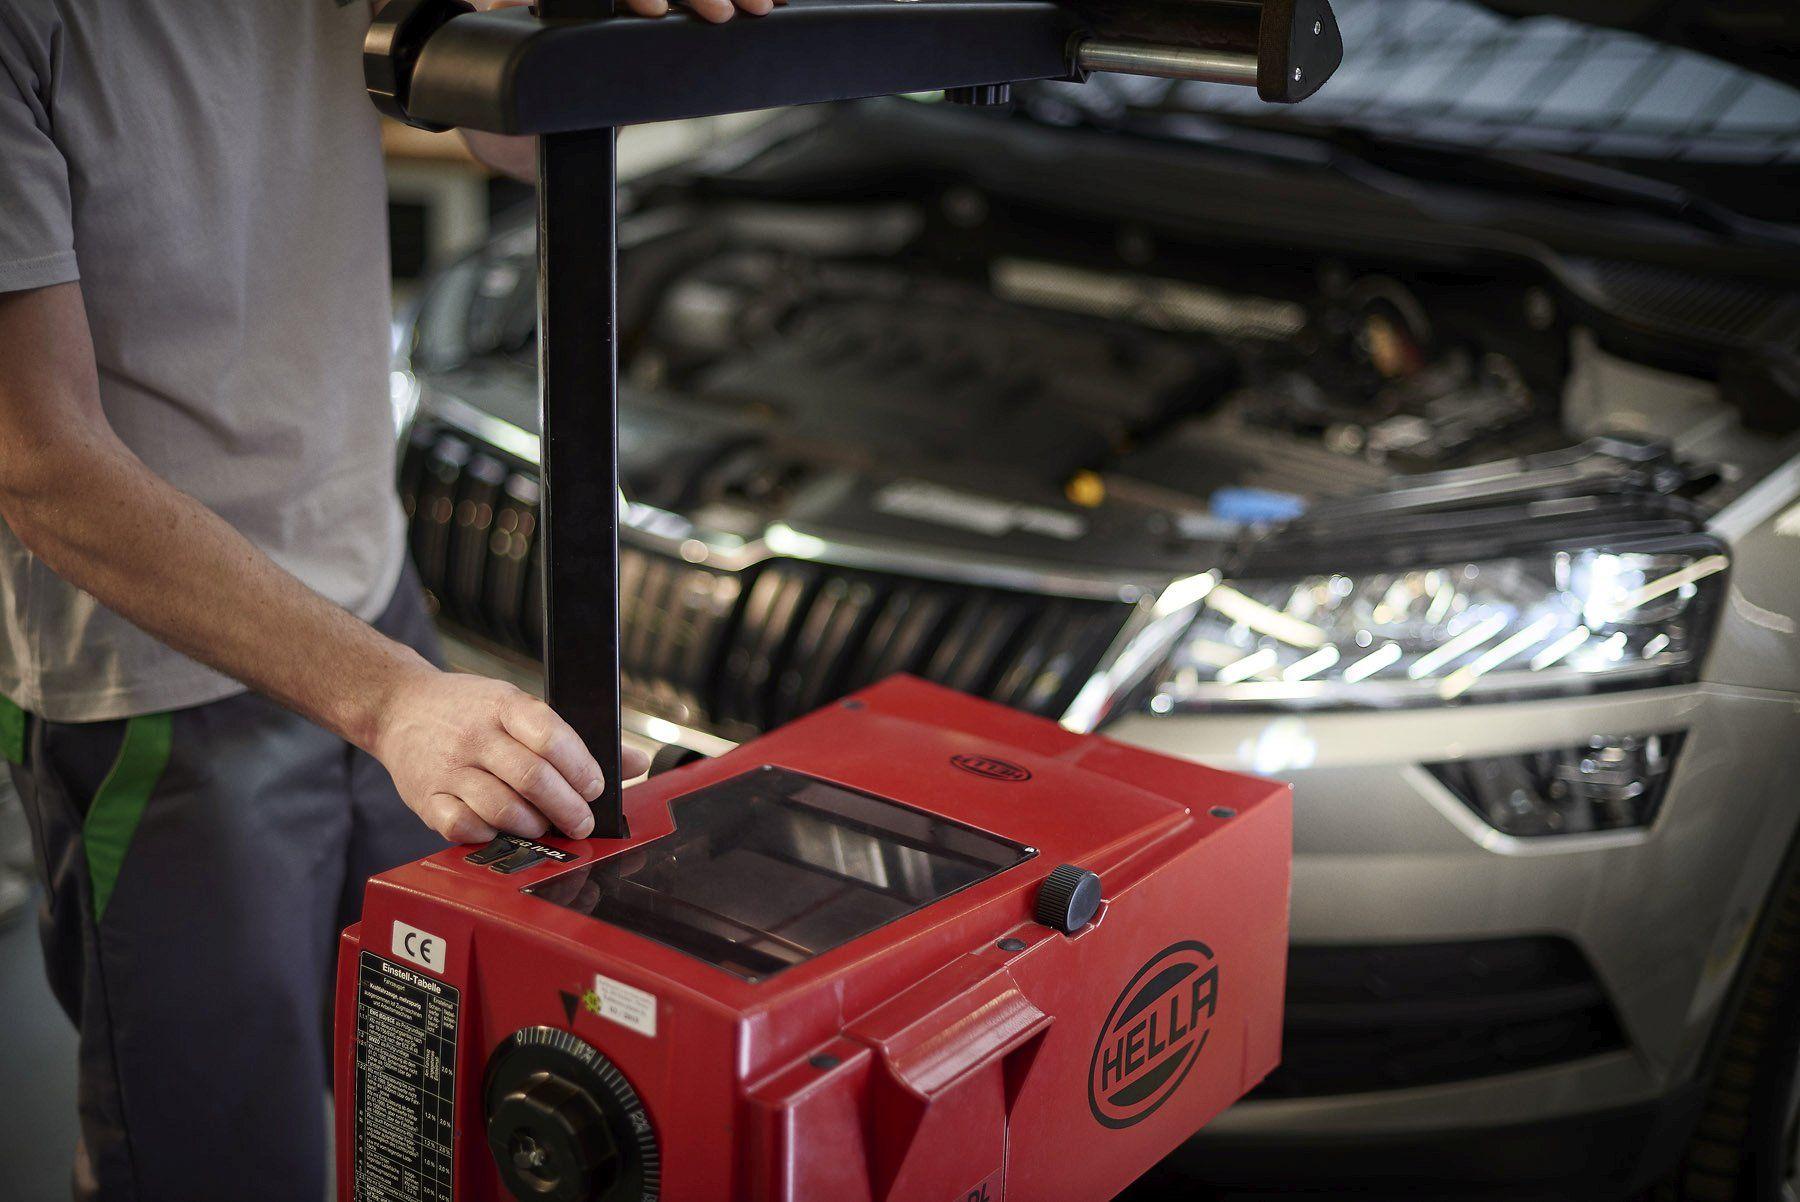 wiosenny przegląd samochodu - regulacja świateł